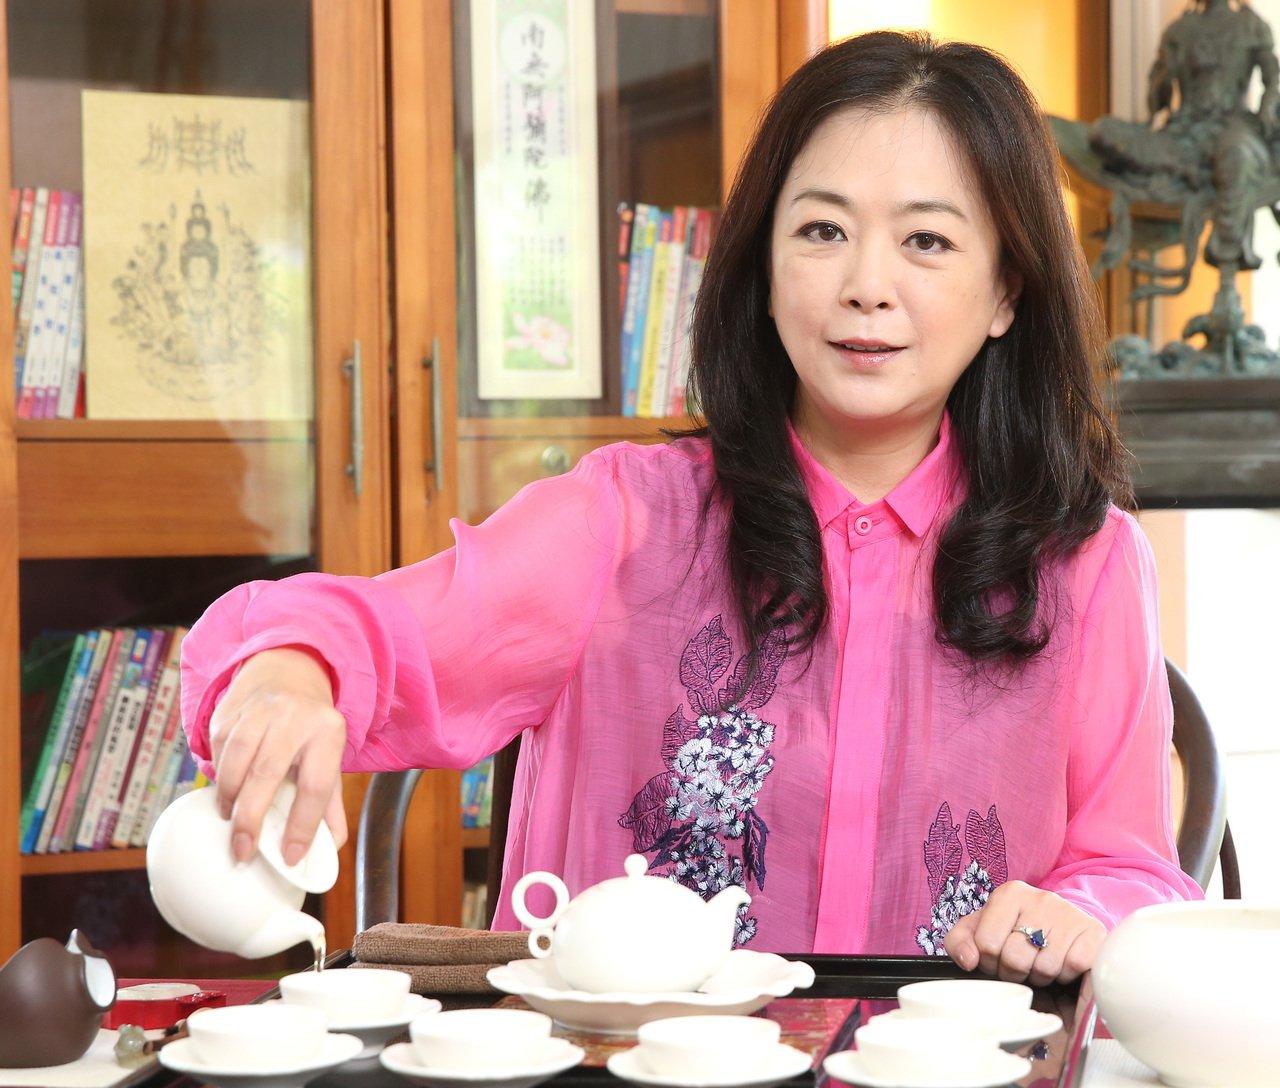 昔日瓊瑤劇女星趙永馨現在有製作人、演員、學生等多個身份,趙永馨對茶藝學有專精。記...